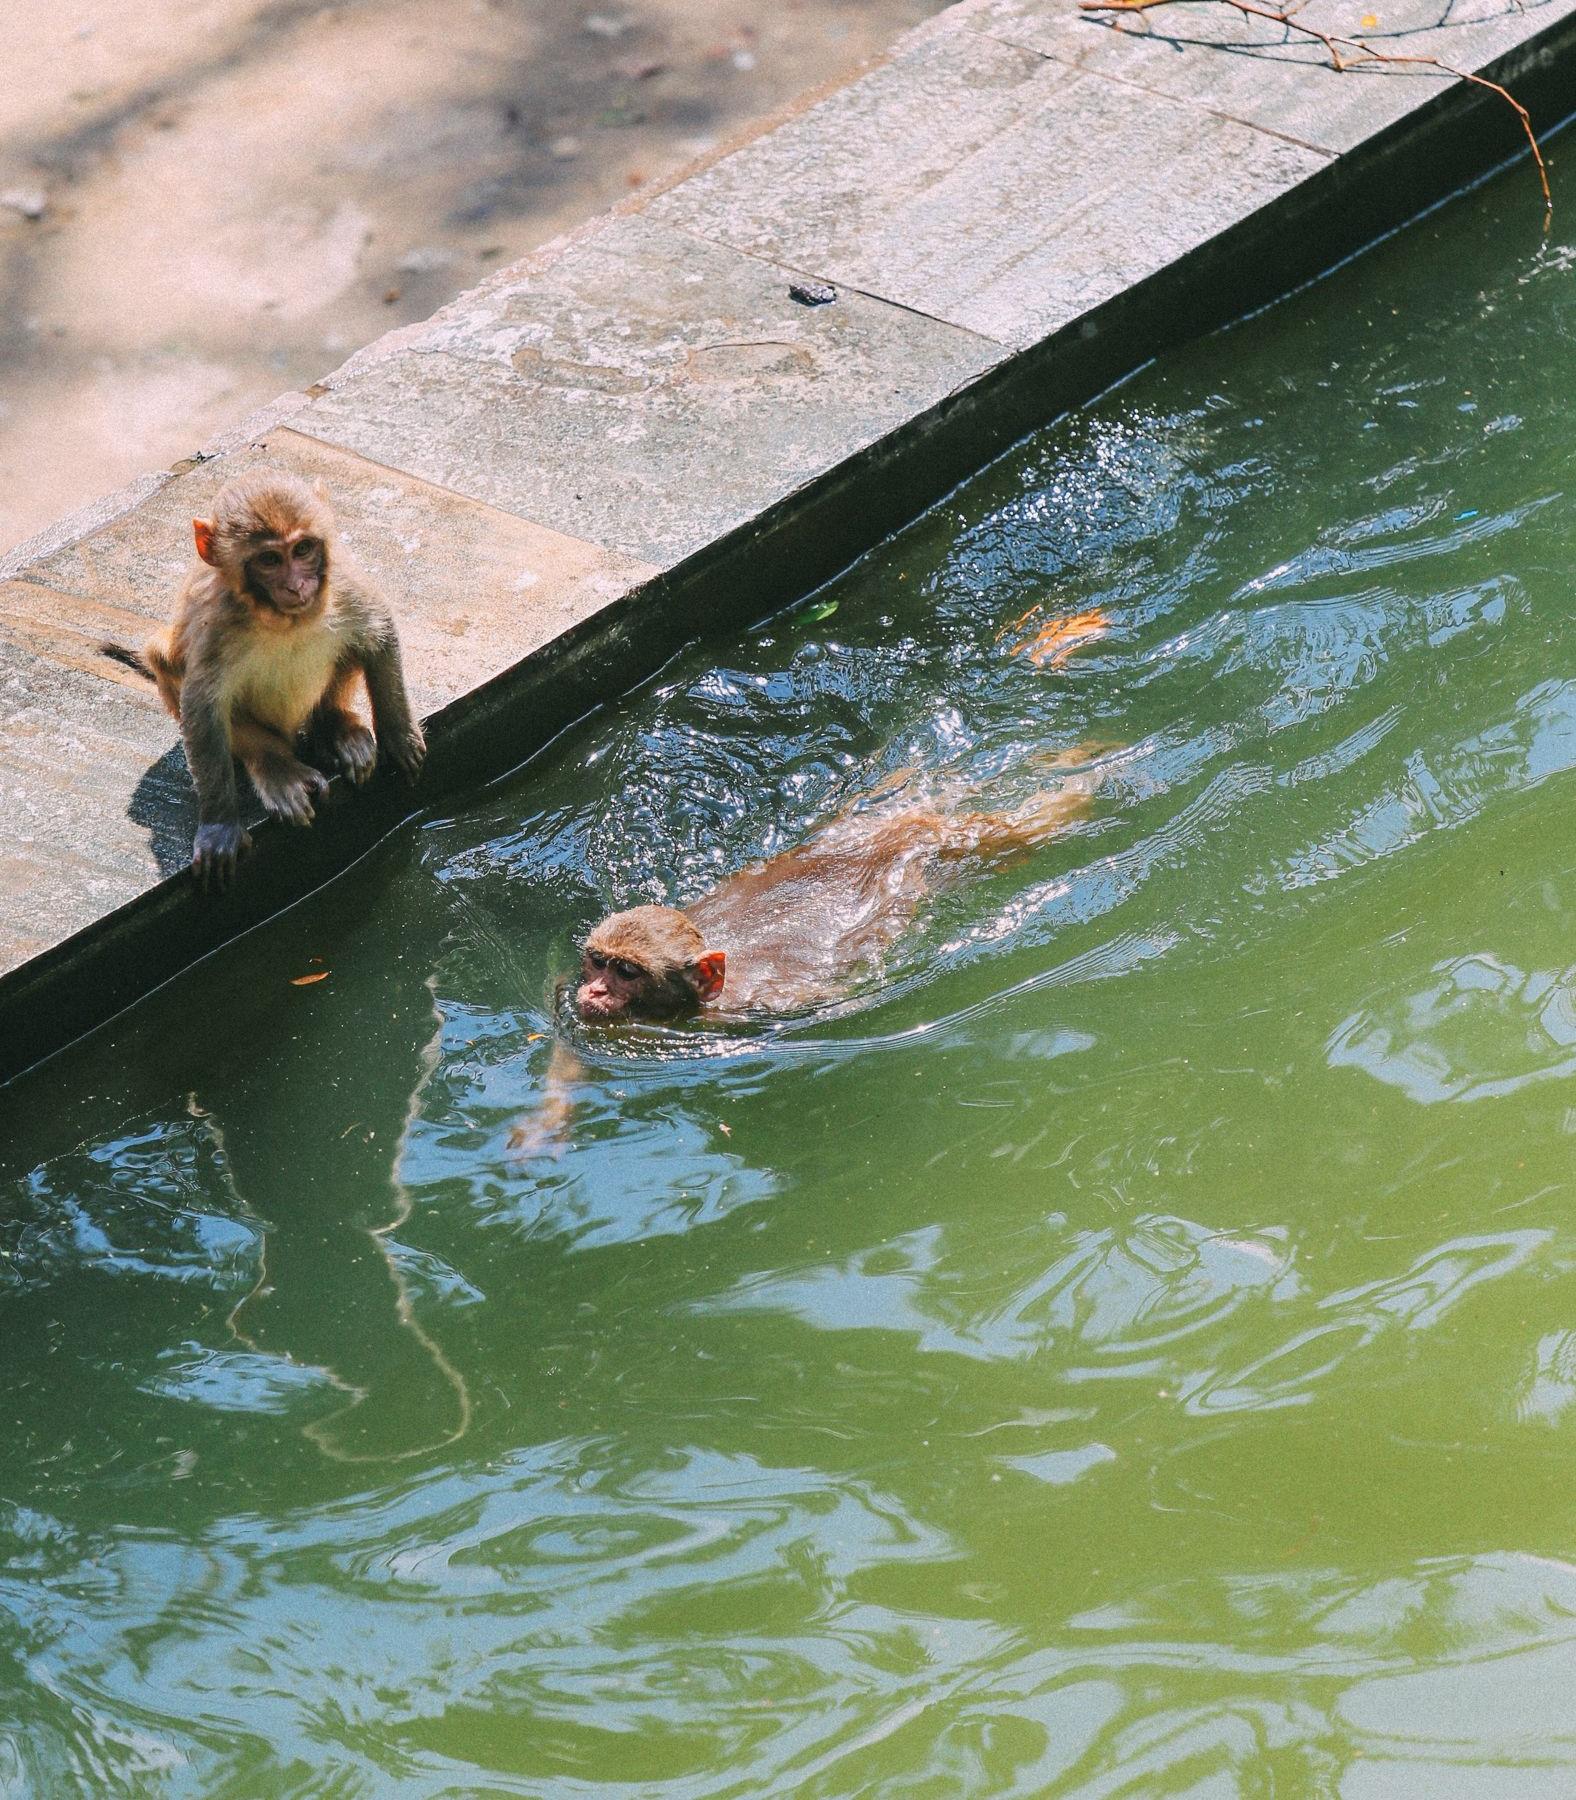 monkeys dive into water at Swoyambhunath stupa